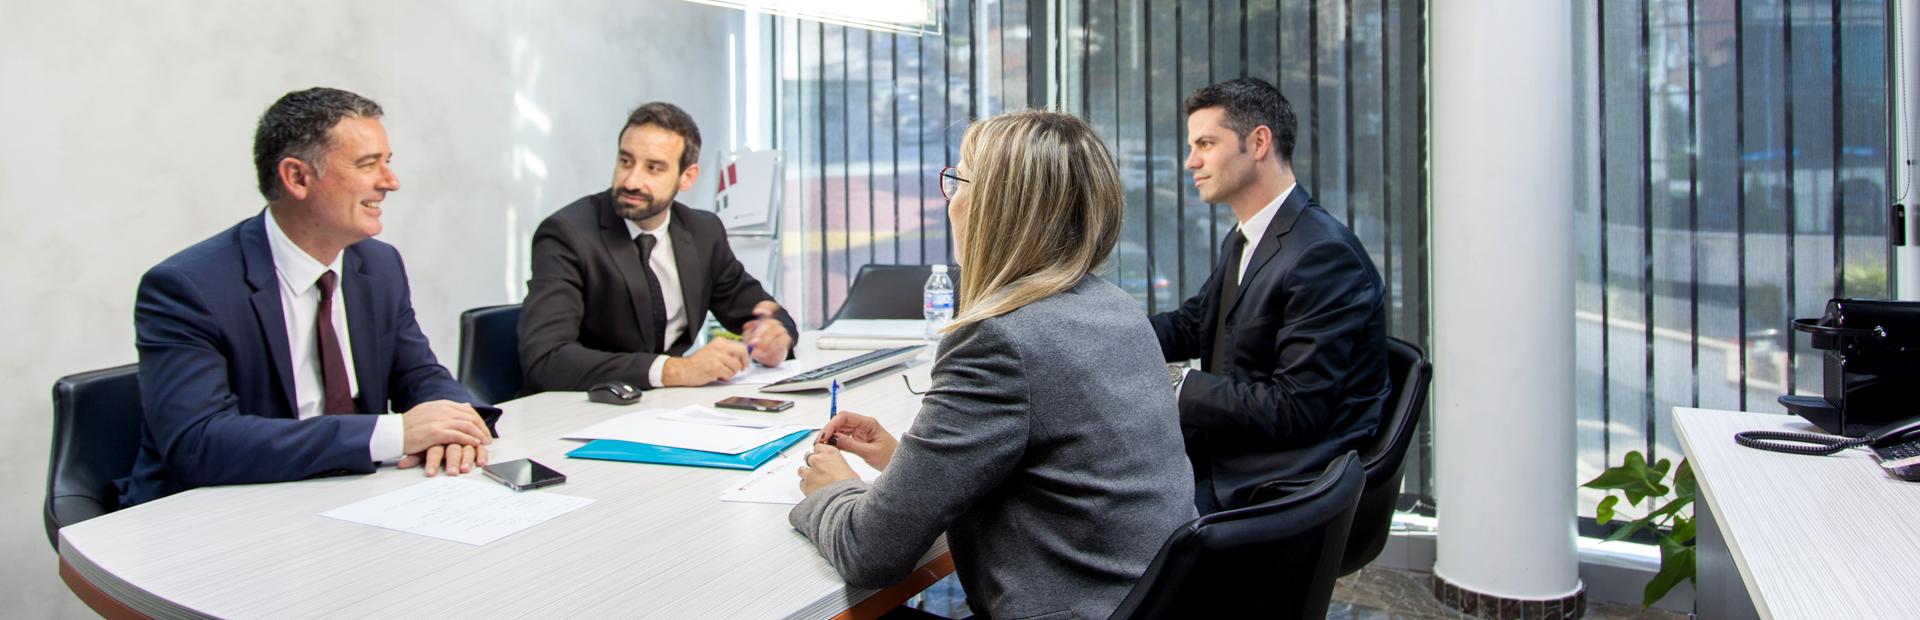 Reunión de directivos FusterGuell